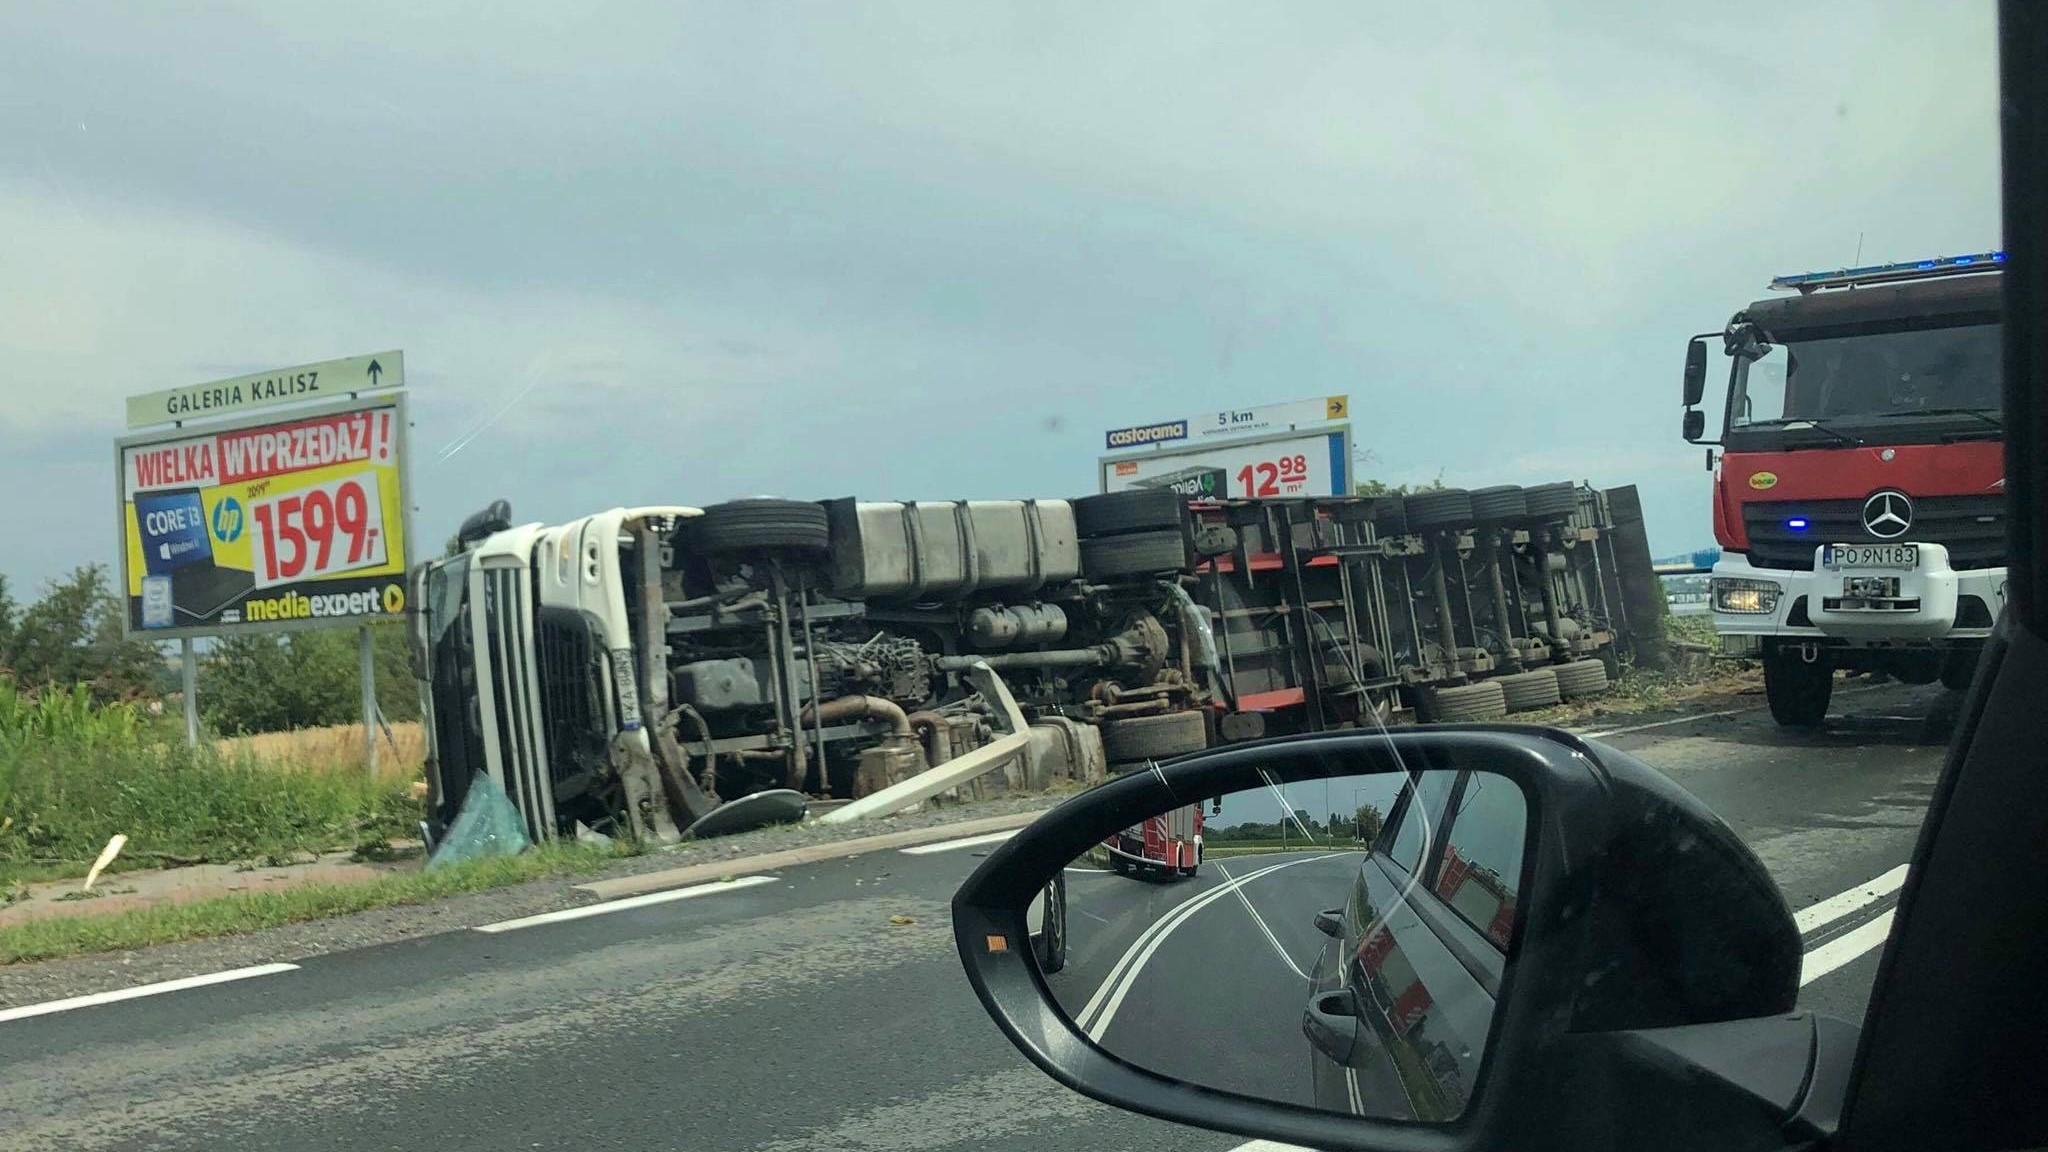 przewrócona ciężarówka z paletami poznańska kalisz - Kalisz24.info Facebook